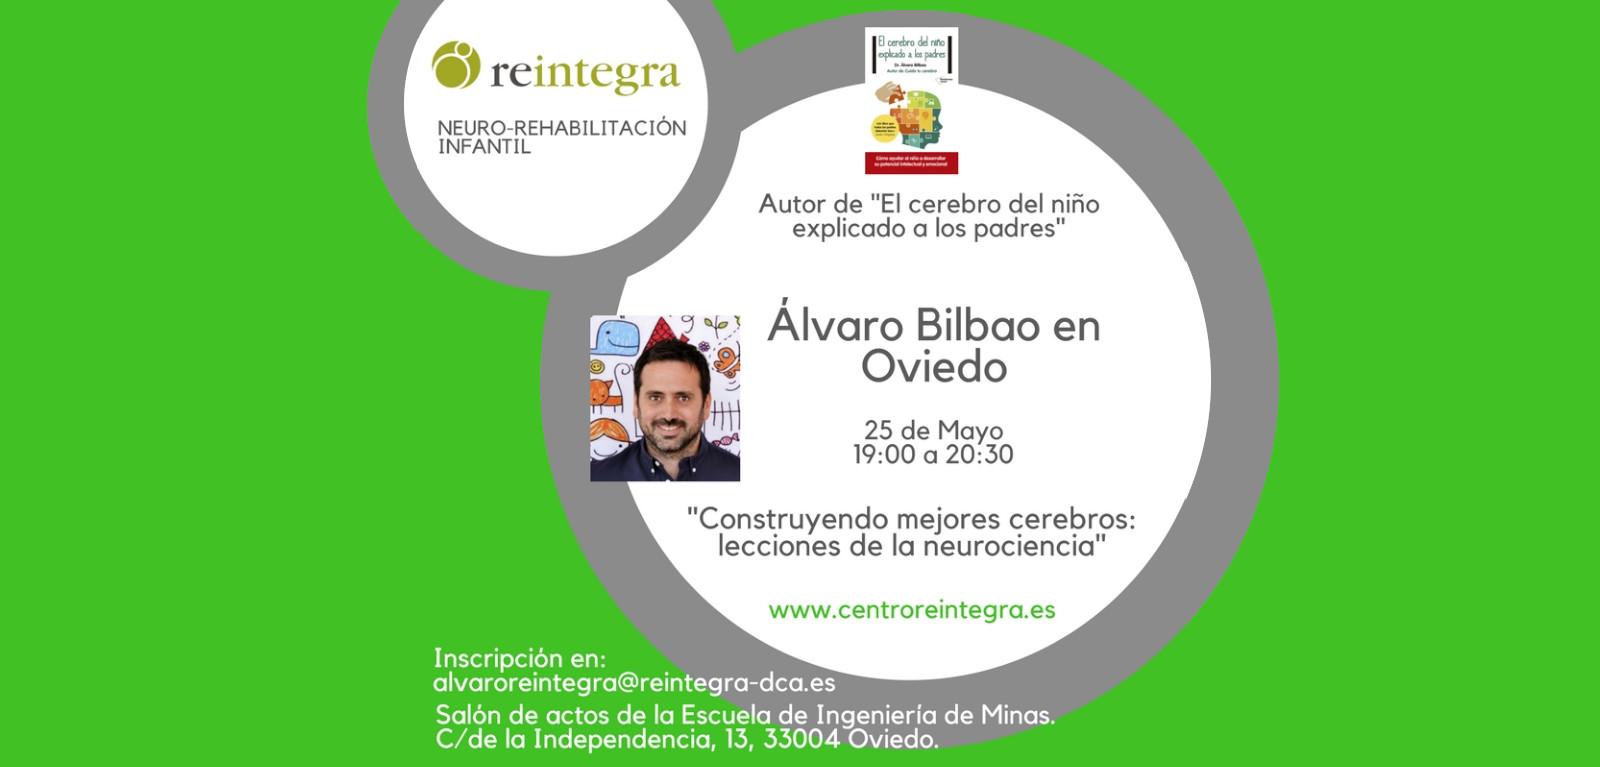 Álvaro Bilbao en Oviedo redes sociales